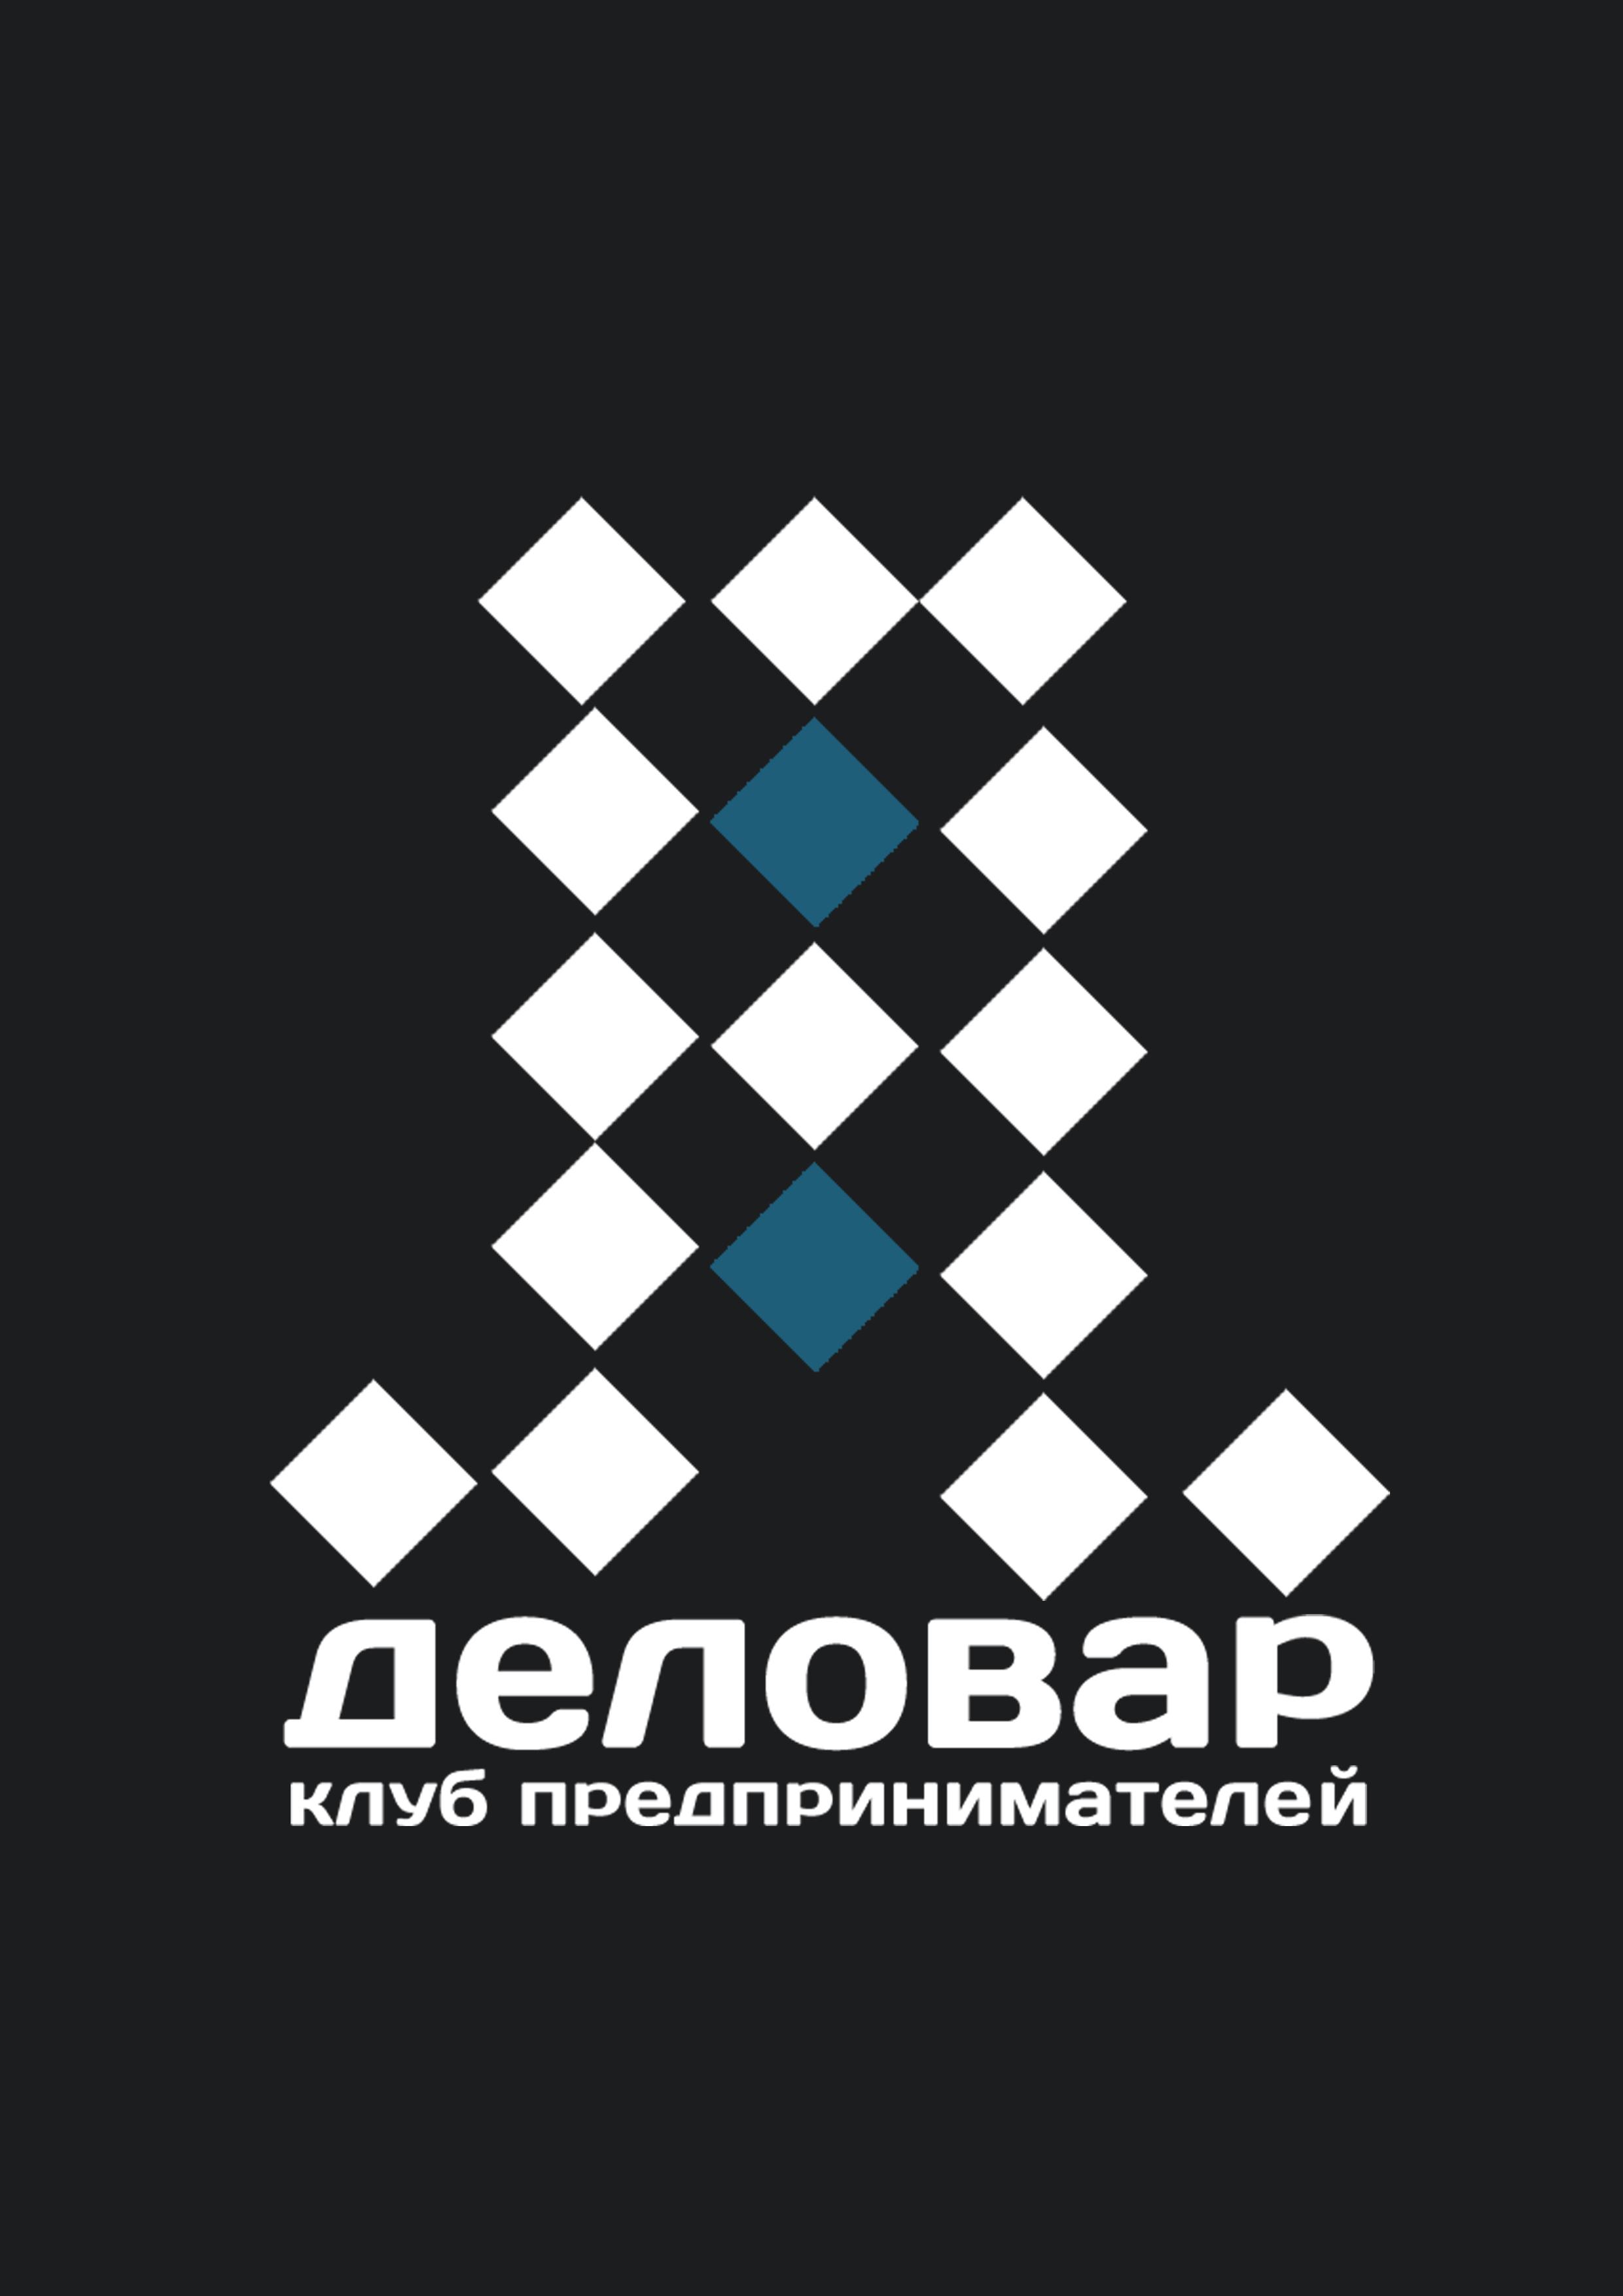 """Логотип и фирм. стиль для Клуба предпринимателей """"Деловар"""" фото f_5044906898ee1.jpg"""